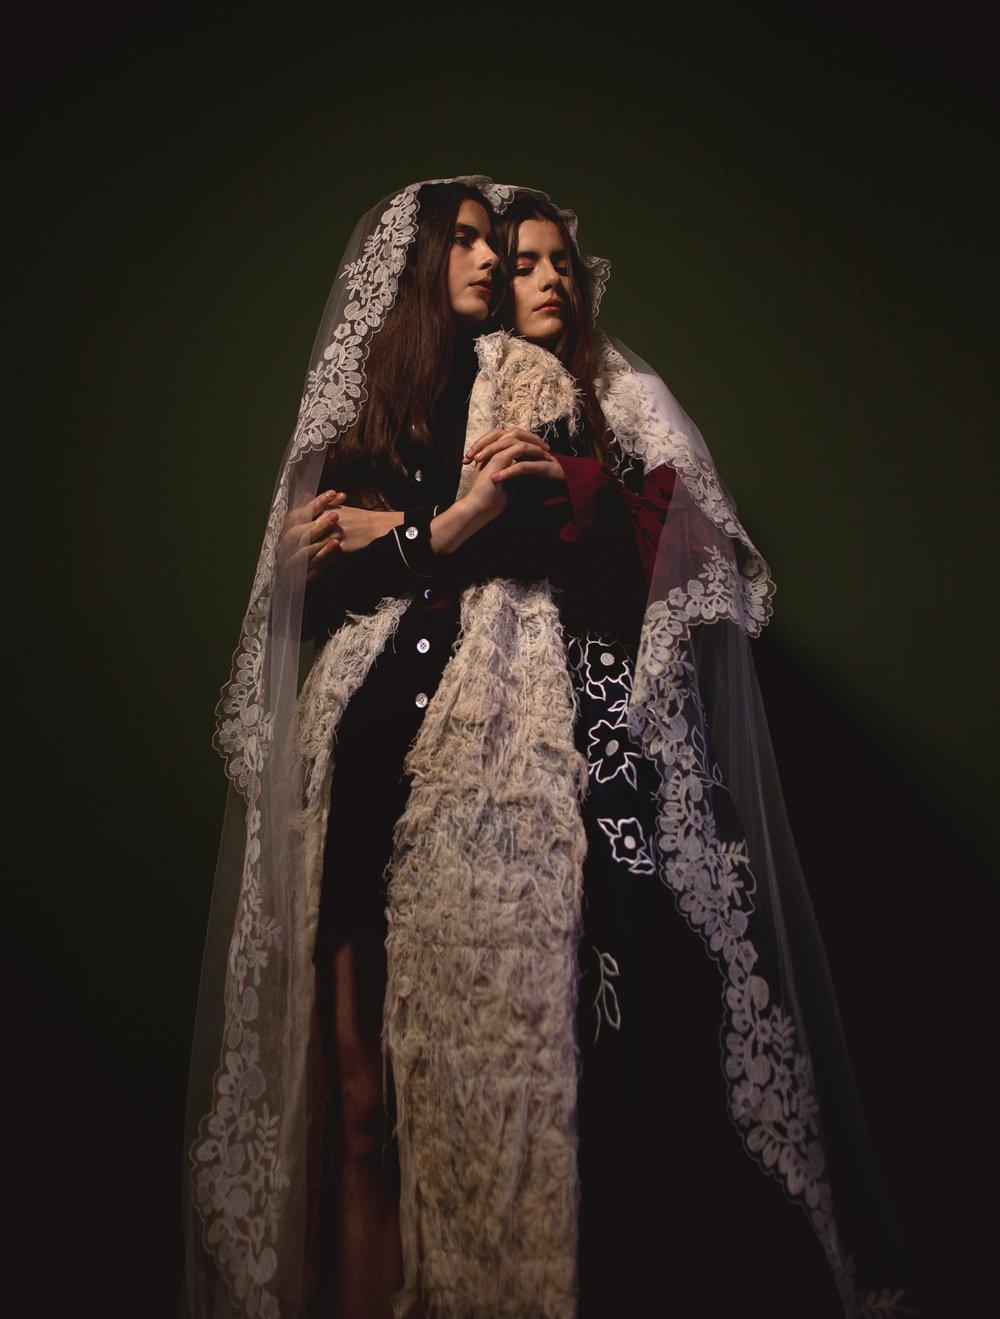 Virginia viste vestido de  MIU MIU  y chaleco de  ELA FIDALGO. Victoria viste vestido de  CAROLINA HERRERA  y camiseta de  MANÉMANÉ .Ambas con mantilla de  LA PARISIÉN.